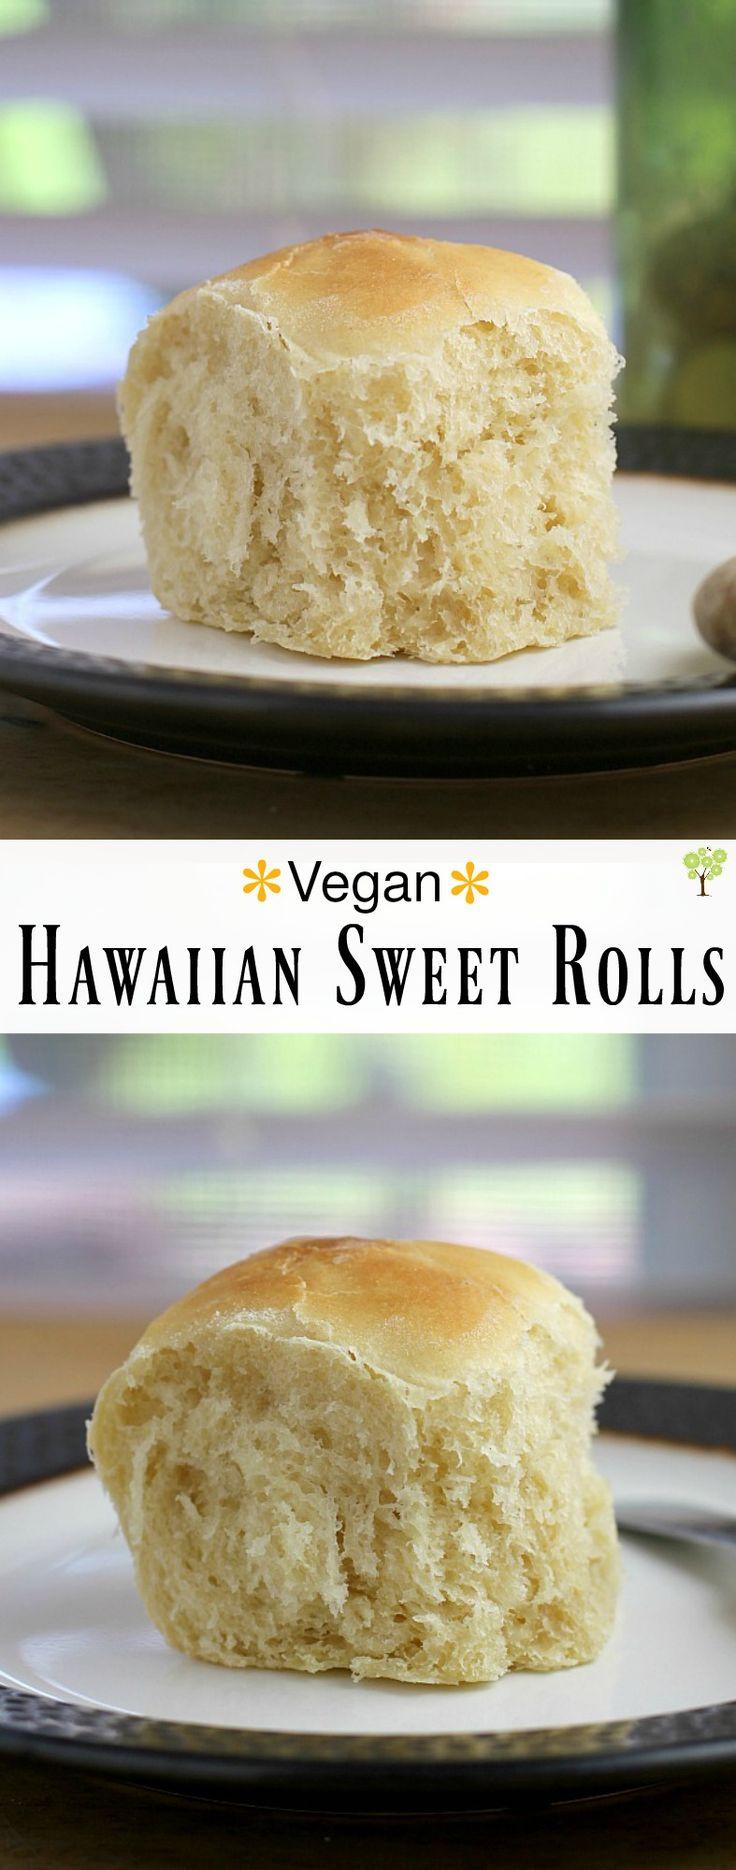 Vegan Hawaiian Sweet Rolls http://wp.me/p4qC4h-3rL